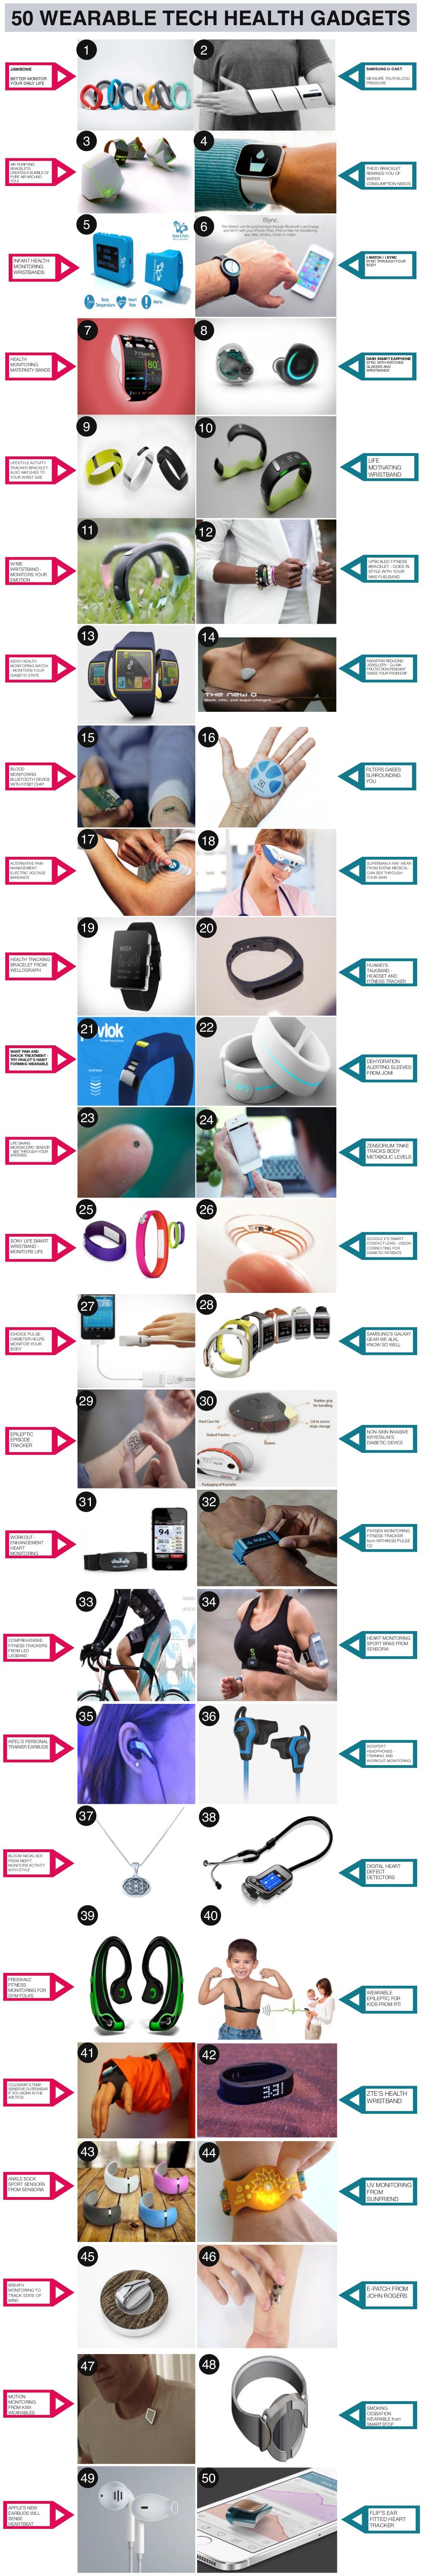 50 tech-health wearables